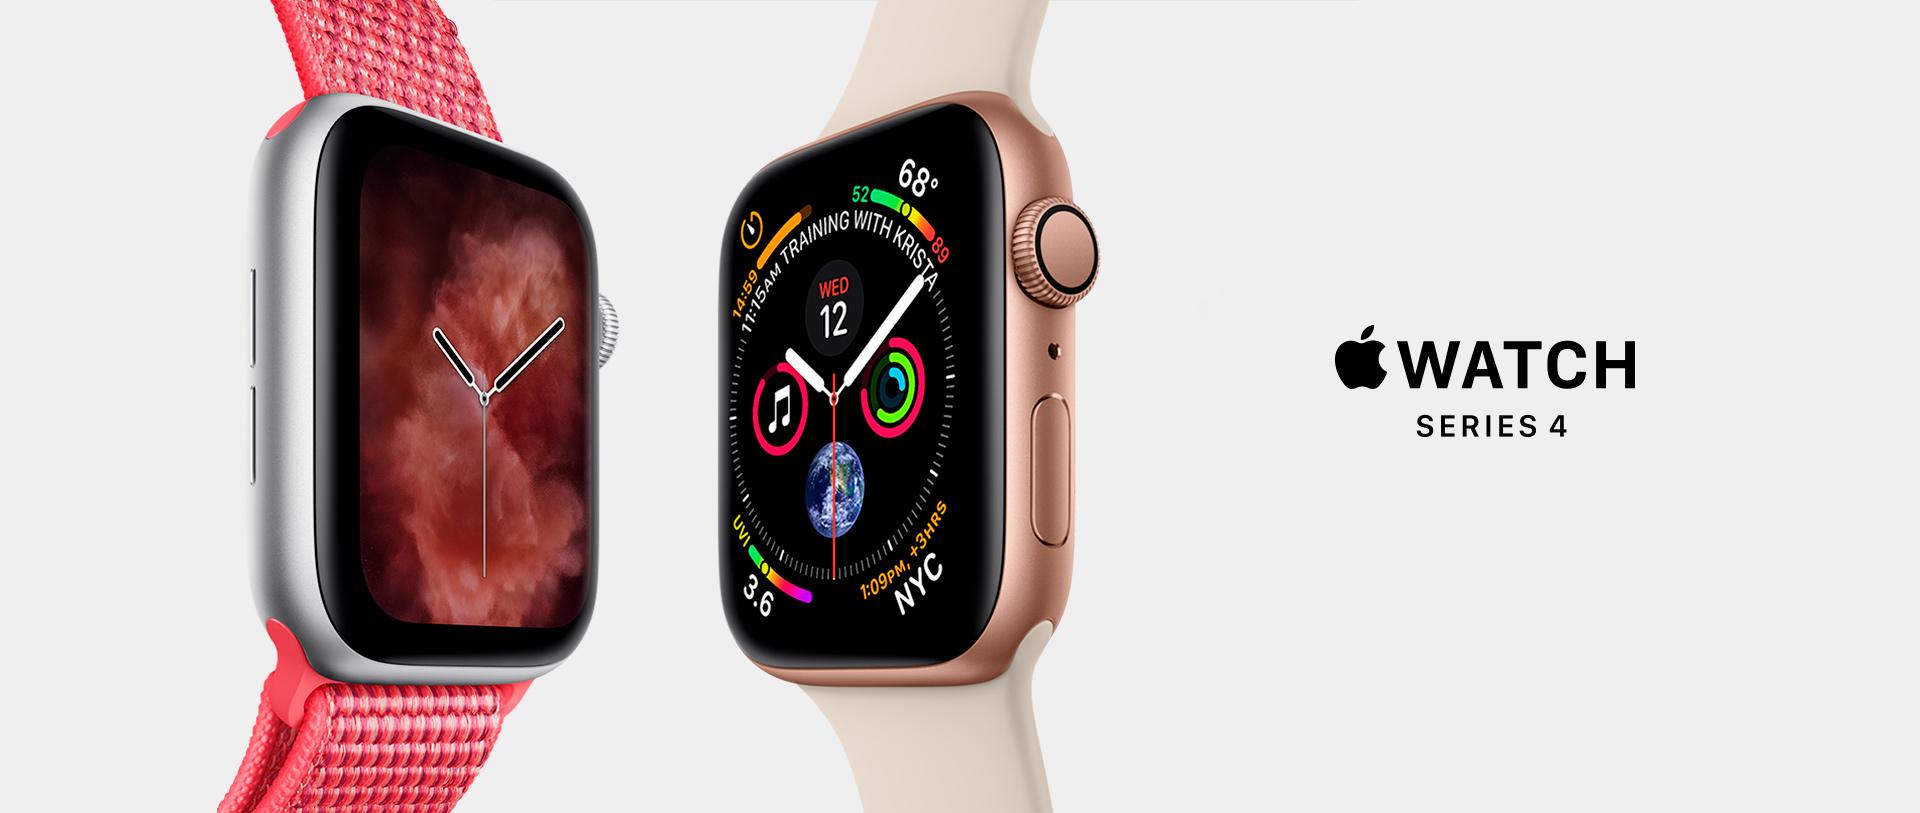 Chytré hodinky Apple Watch skladem za super cenu  ff0378b38a